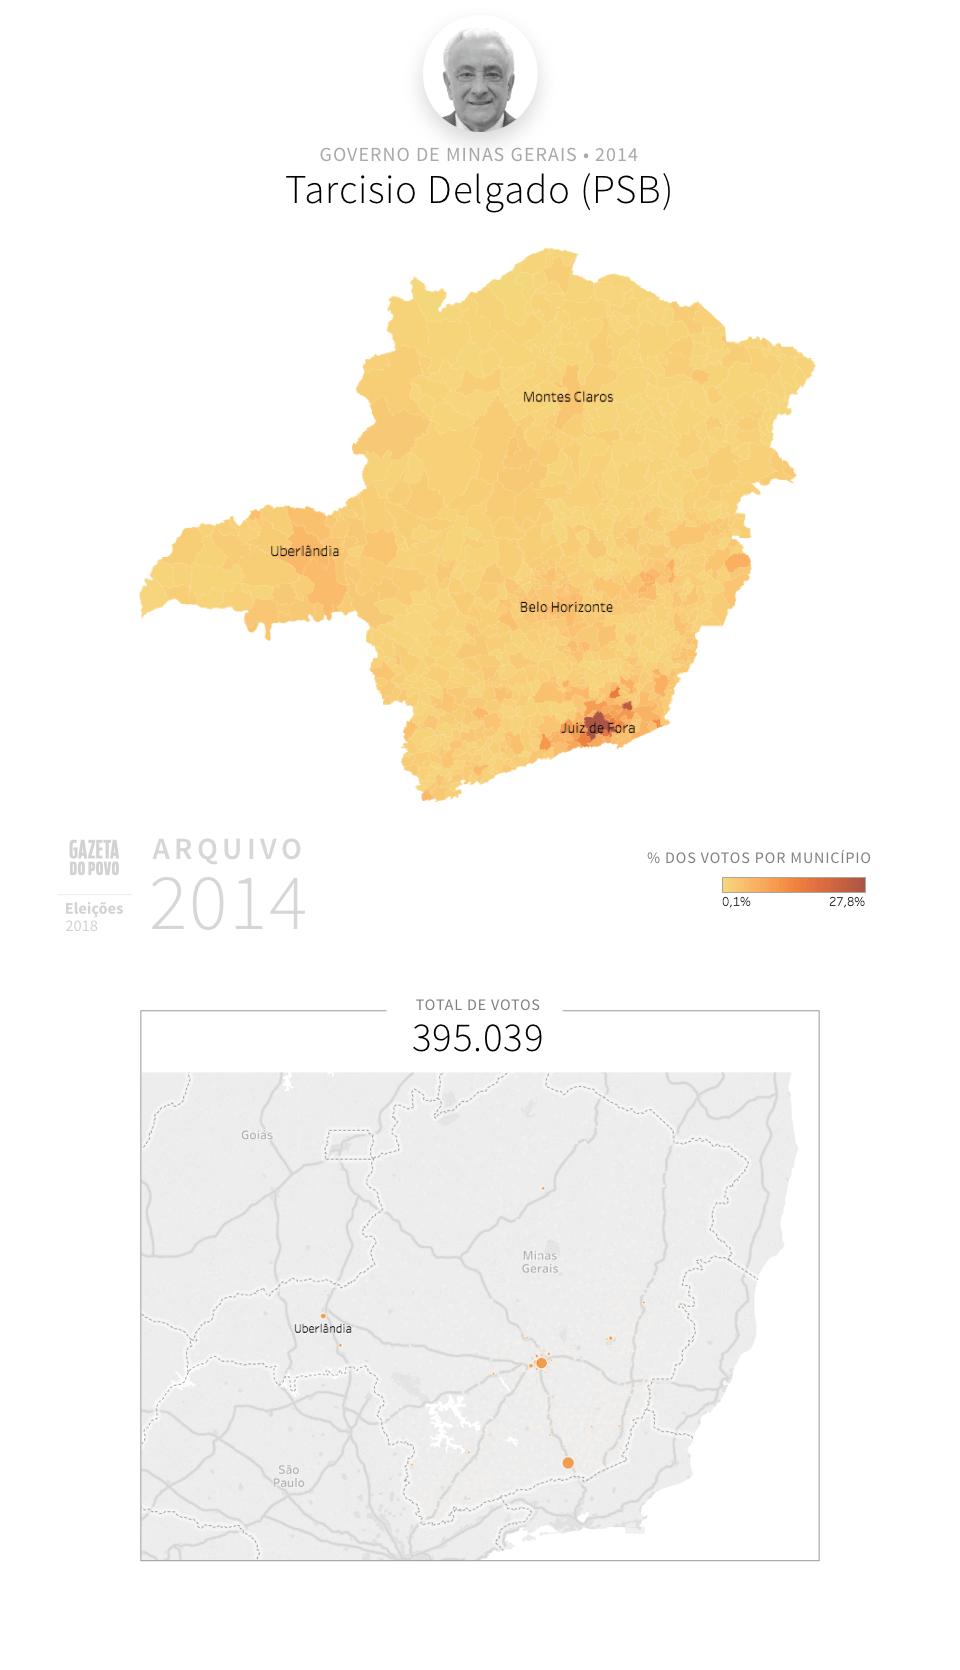 Desempenho do PSB em Minas Gerais em 2014, na eleição para governador de Minas Gerais. Em % do total de votos em cada município.